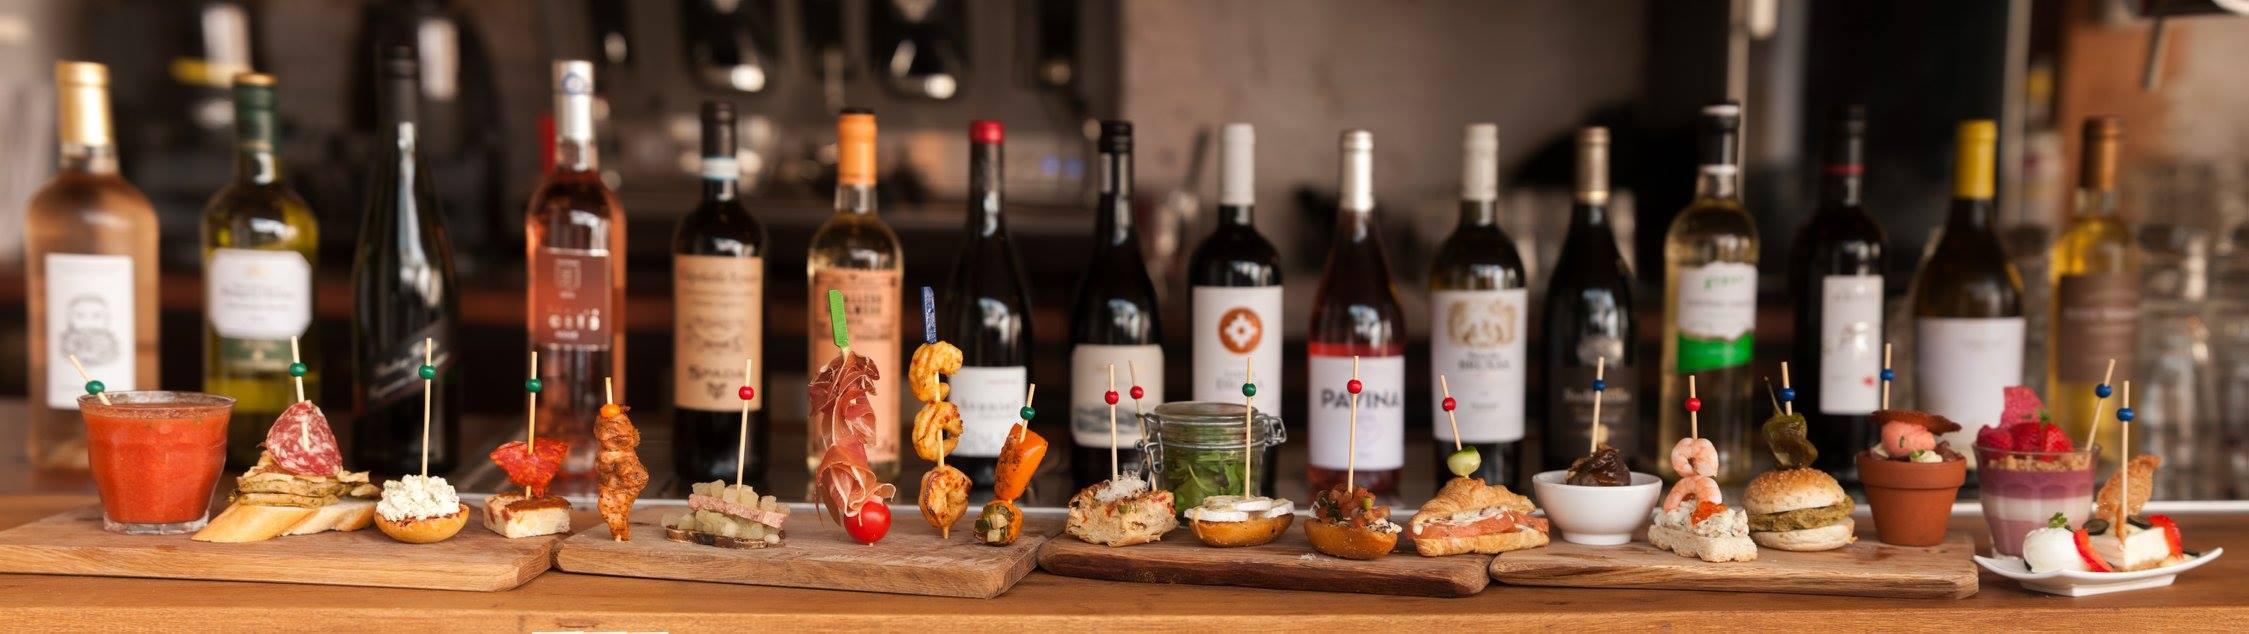 Proeverijen Spaanse gerechtjes en wijnen - El Patio Breda